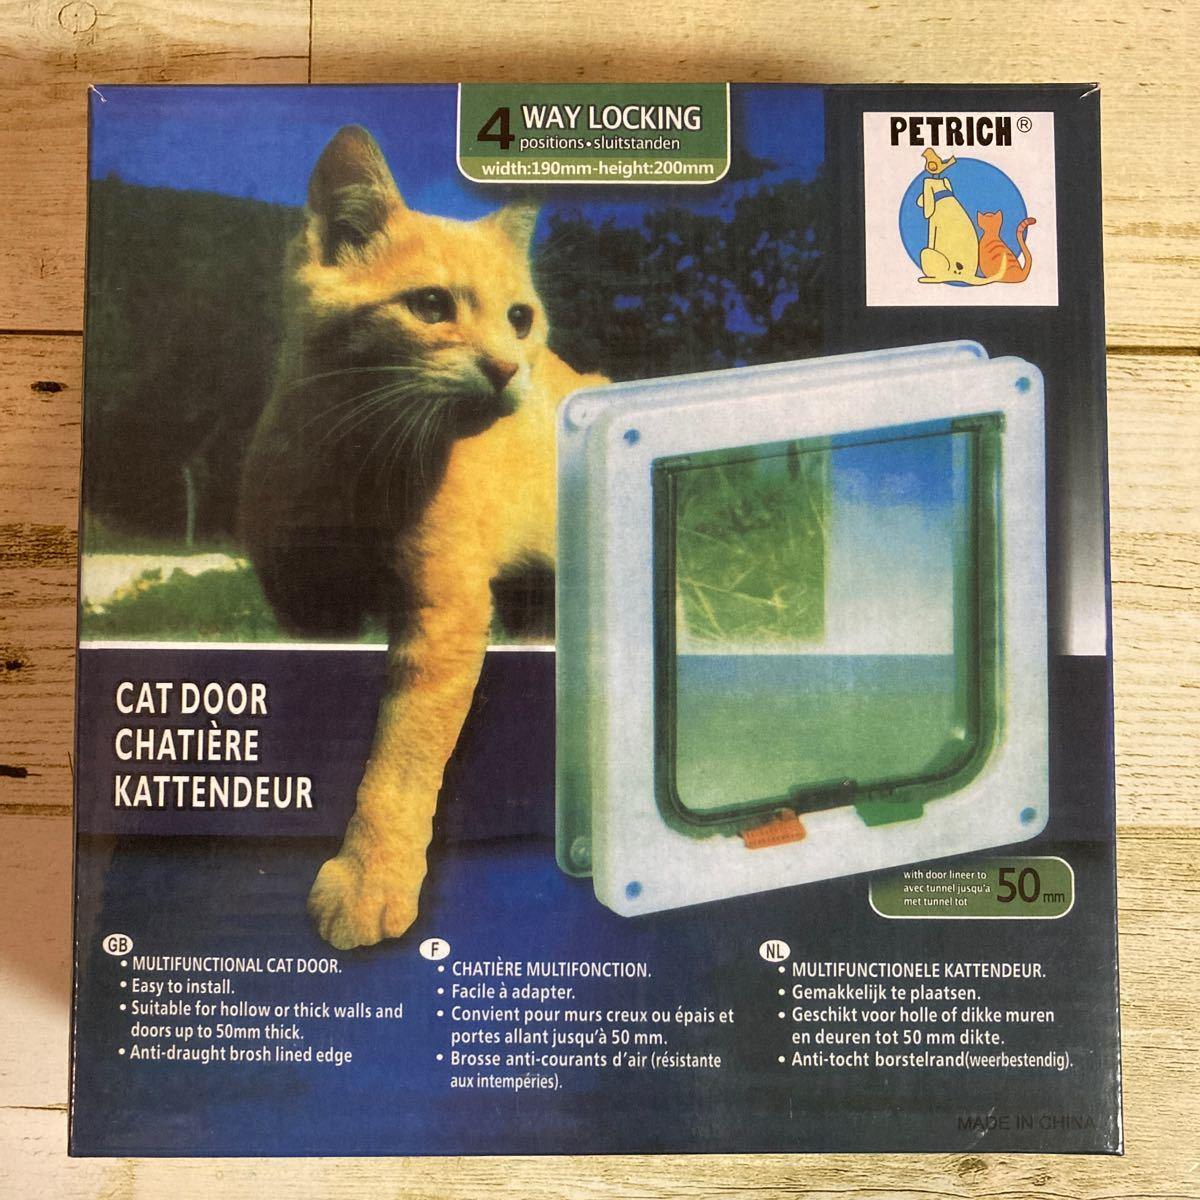 ペットドア キャットドア <M/Lサイズ> 4WAY 開閉ロック機能付き猫 小型犬用に!